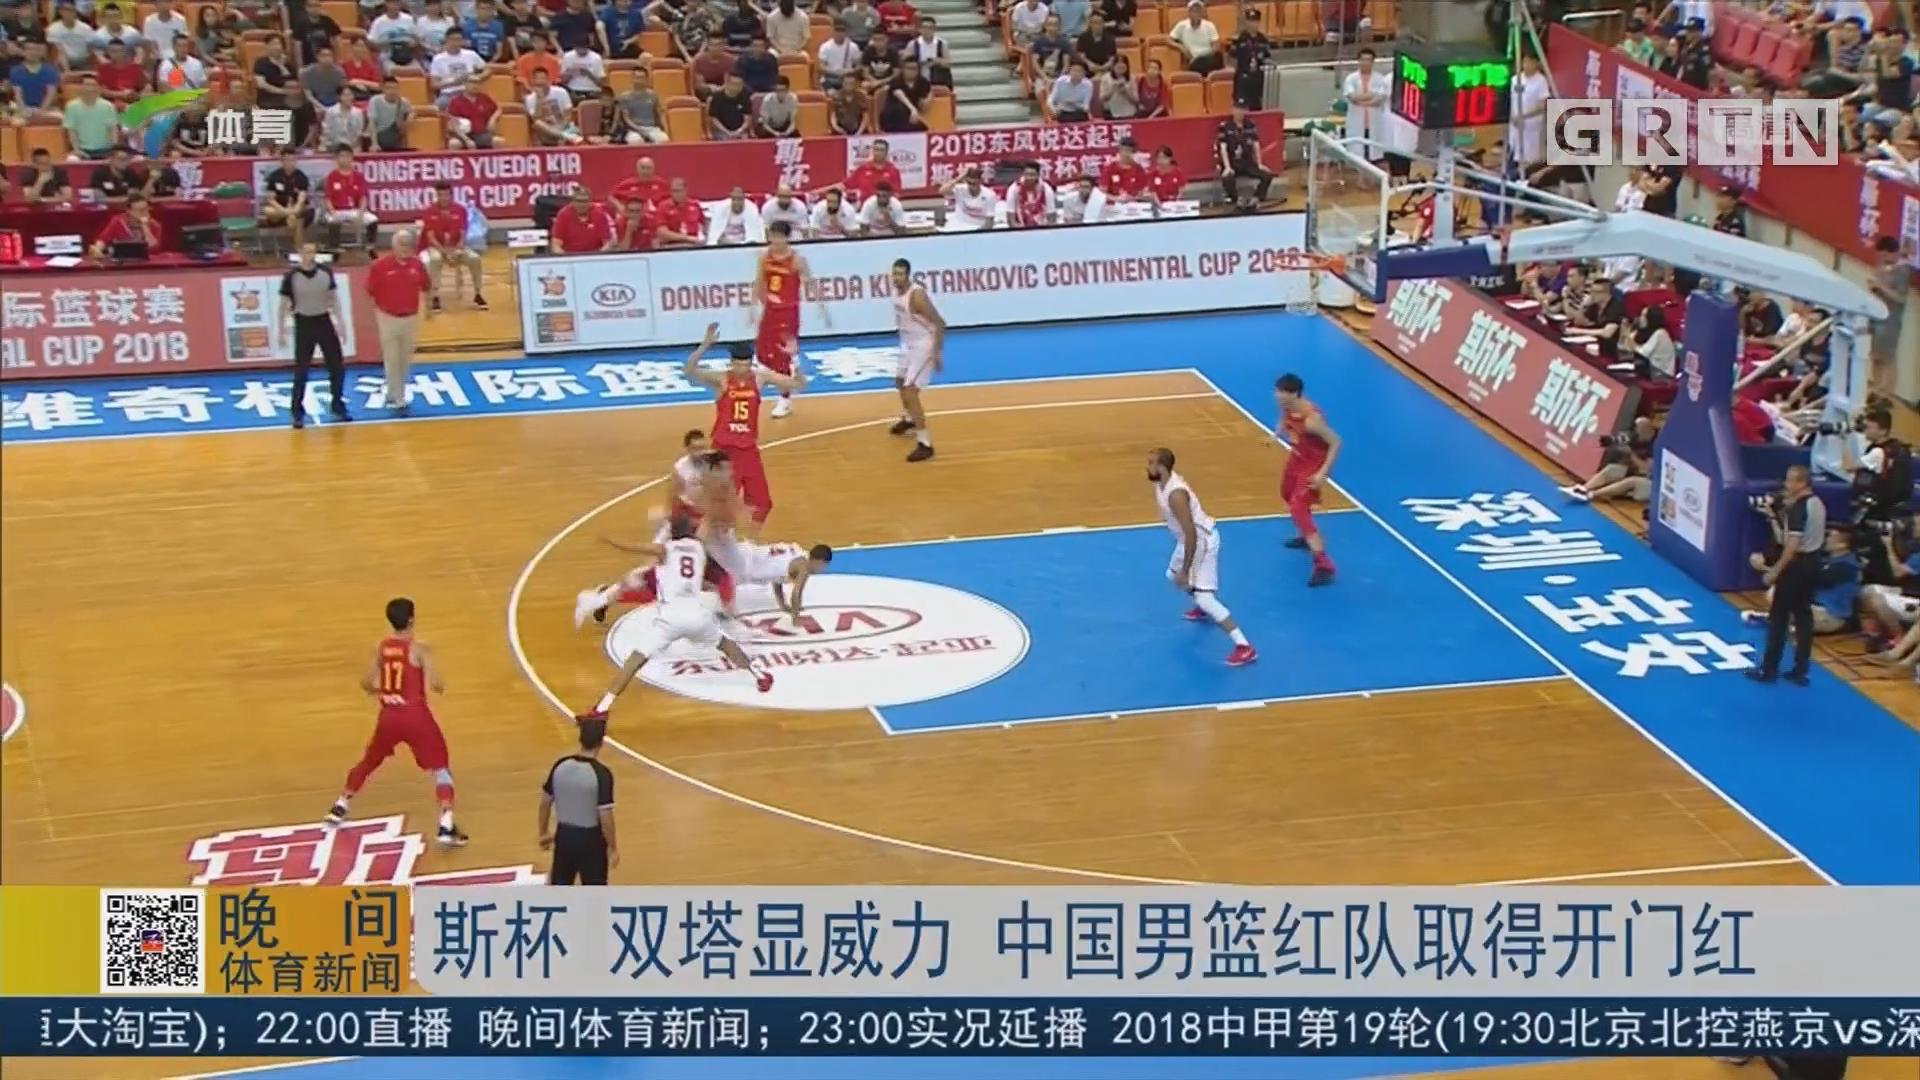 斯杯 双塔显威力 中国男篮红队取得开门红